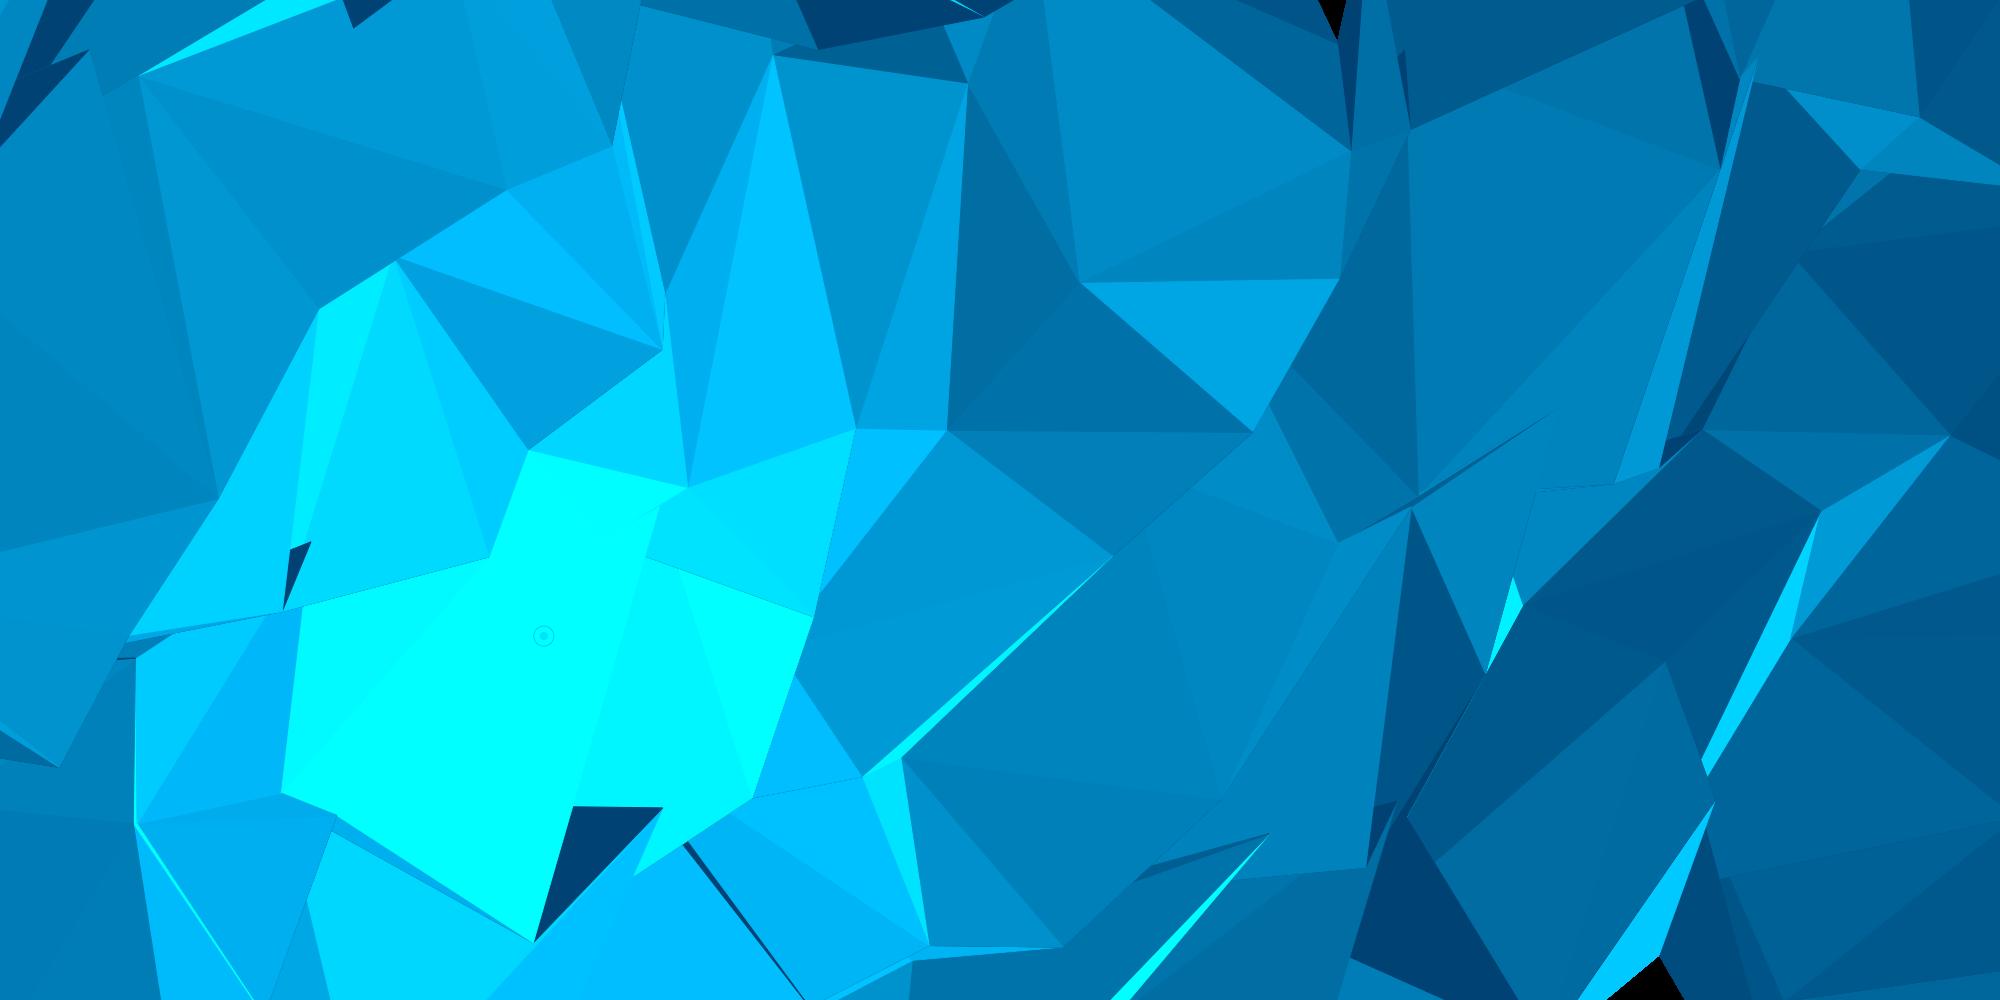 Crea tus fondos abstractos con una herramienta online for Wallpaper interactivo